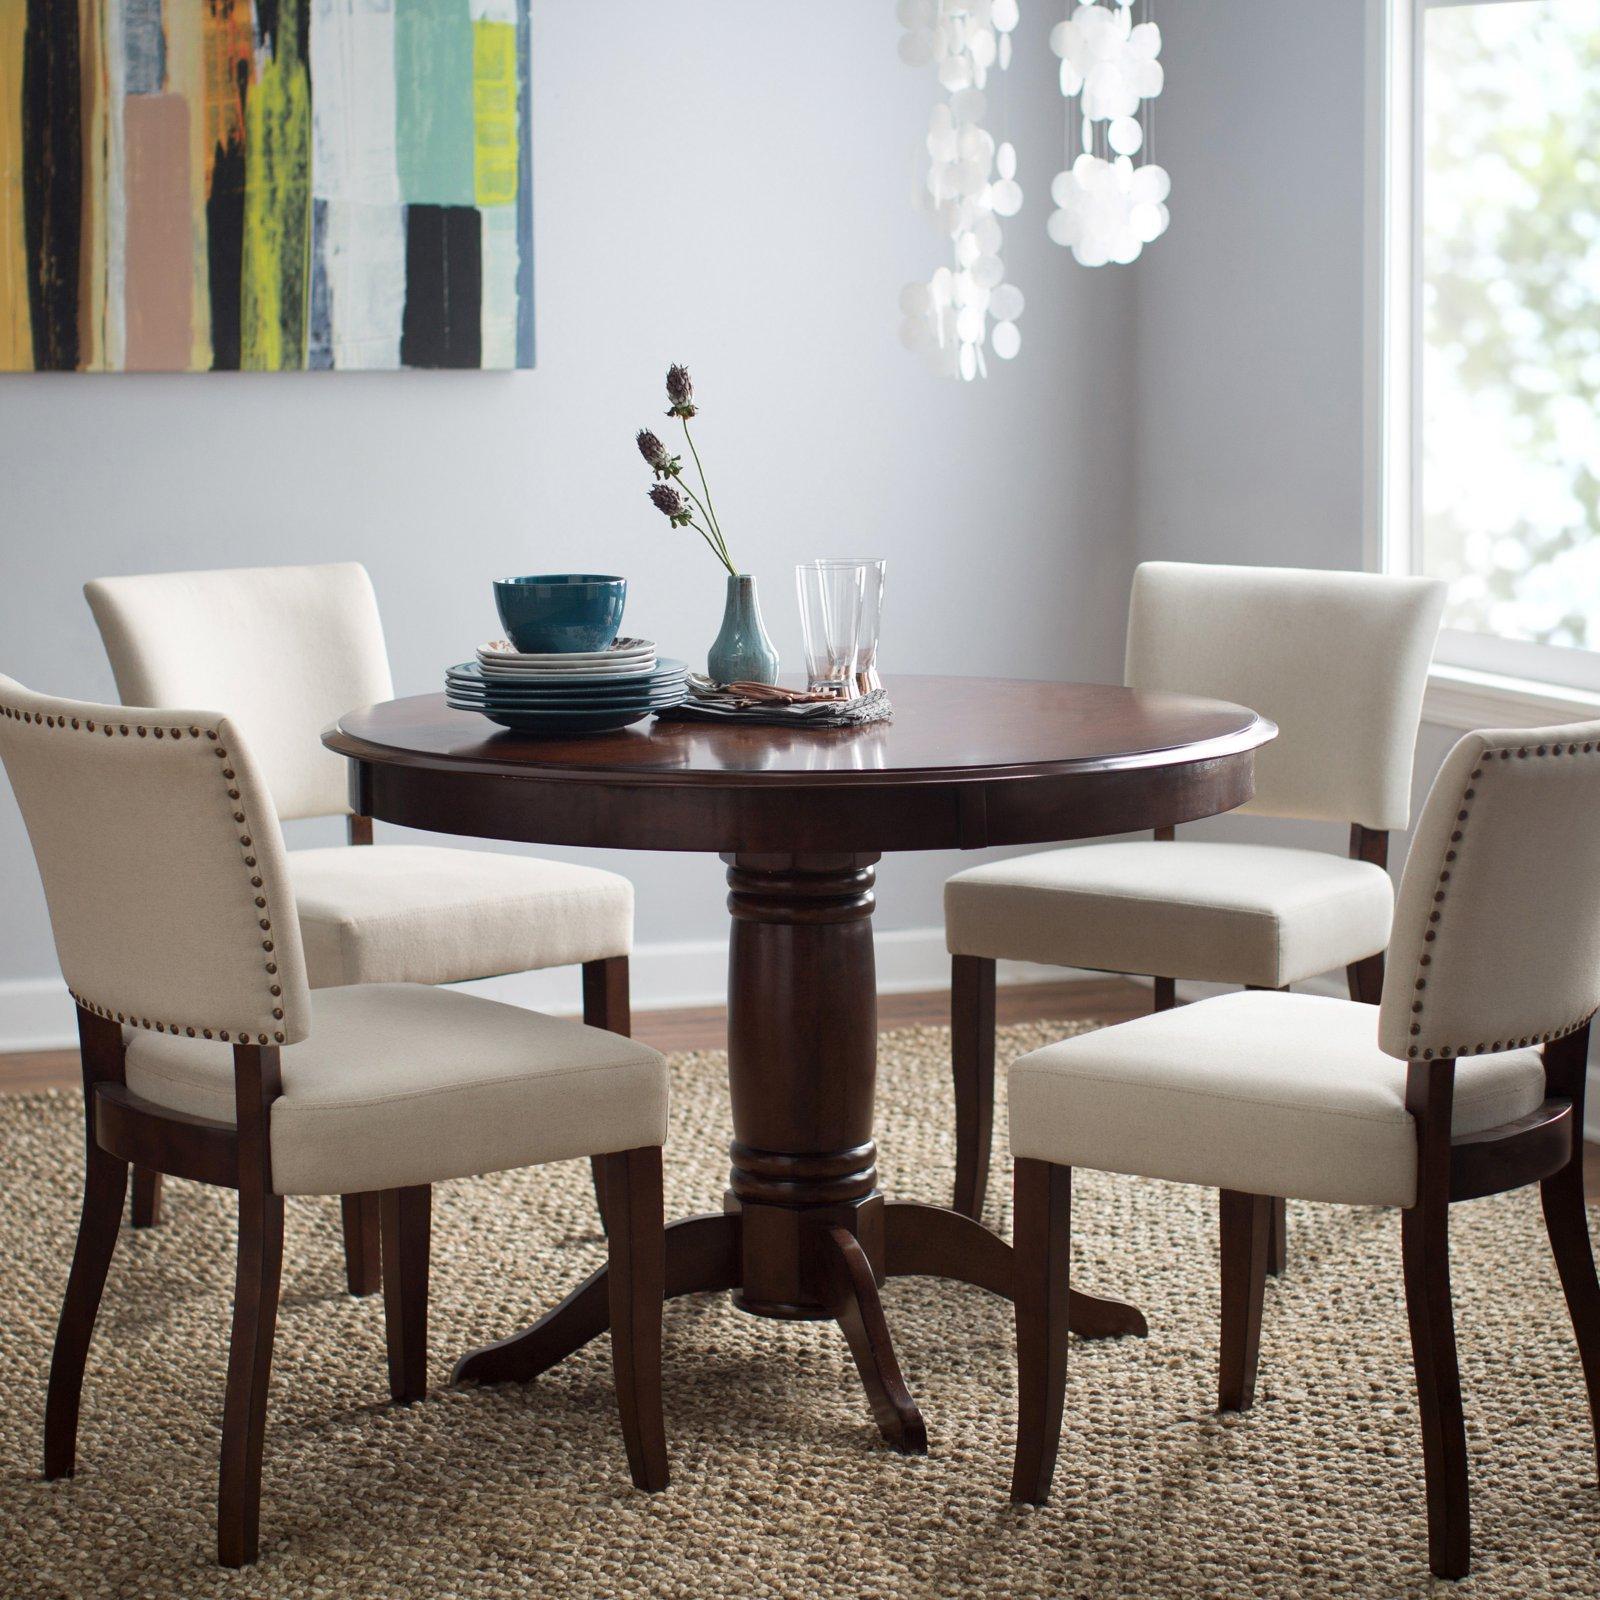 Belham Living Spencer Round Pedestal Dining Table - Espresso